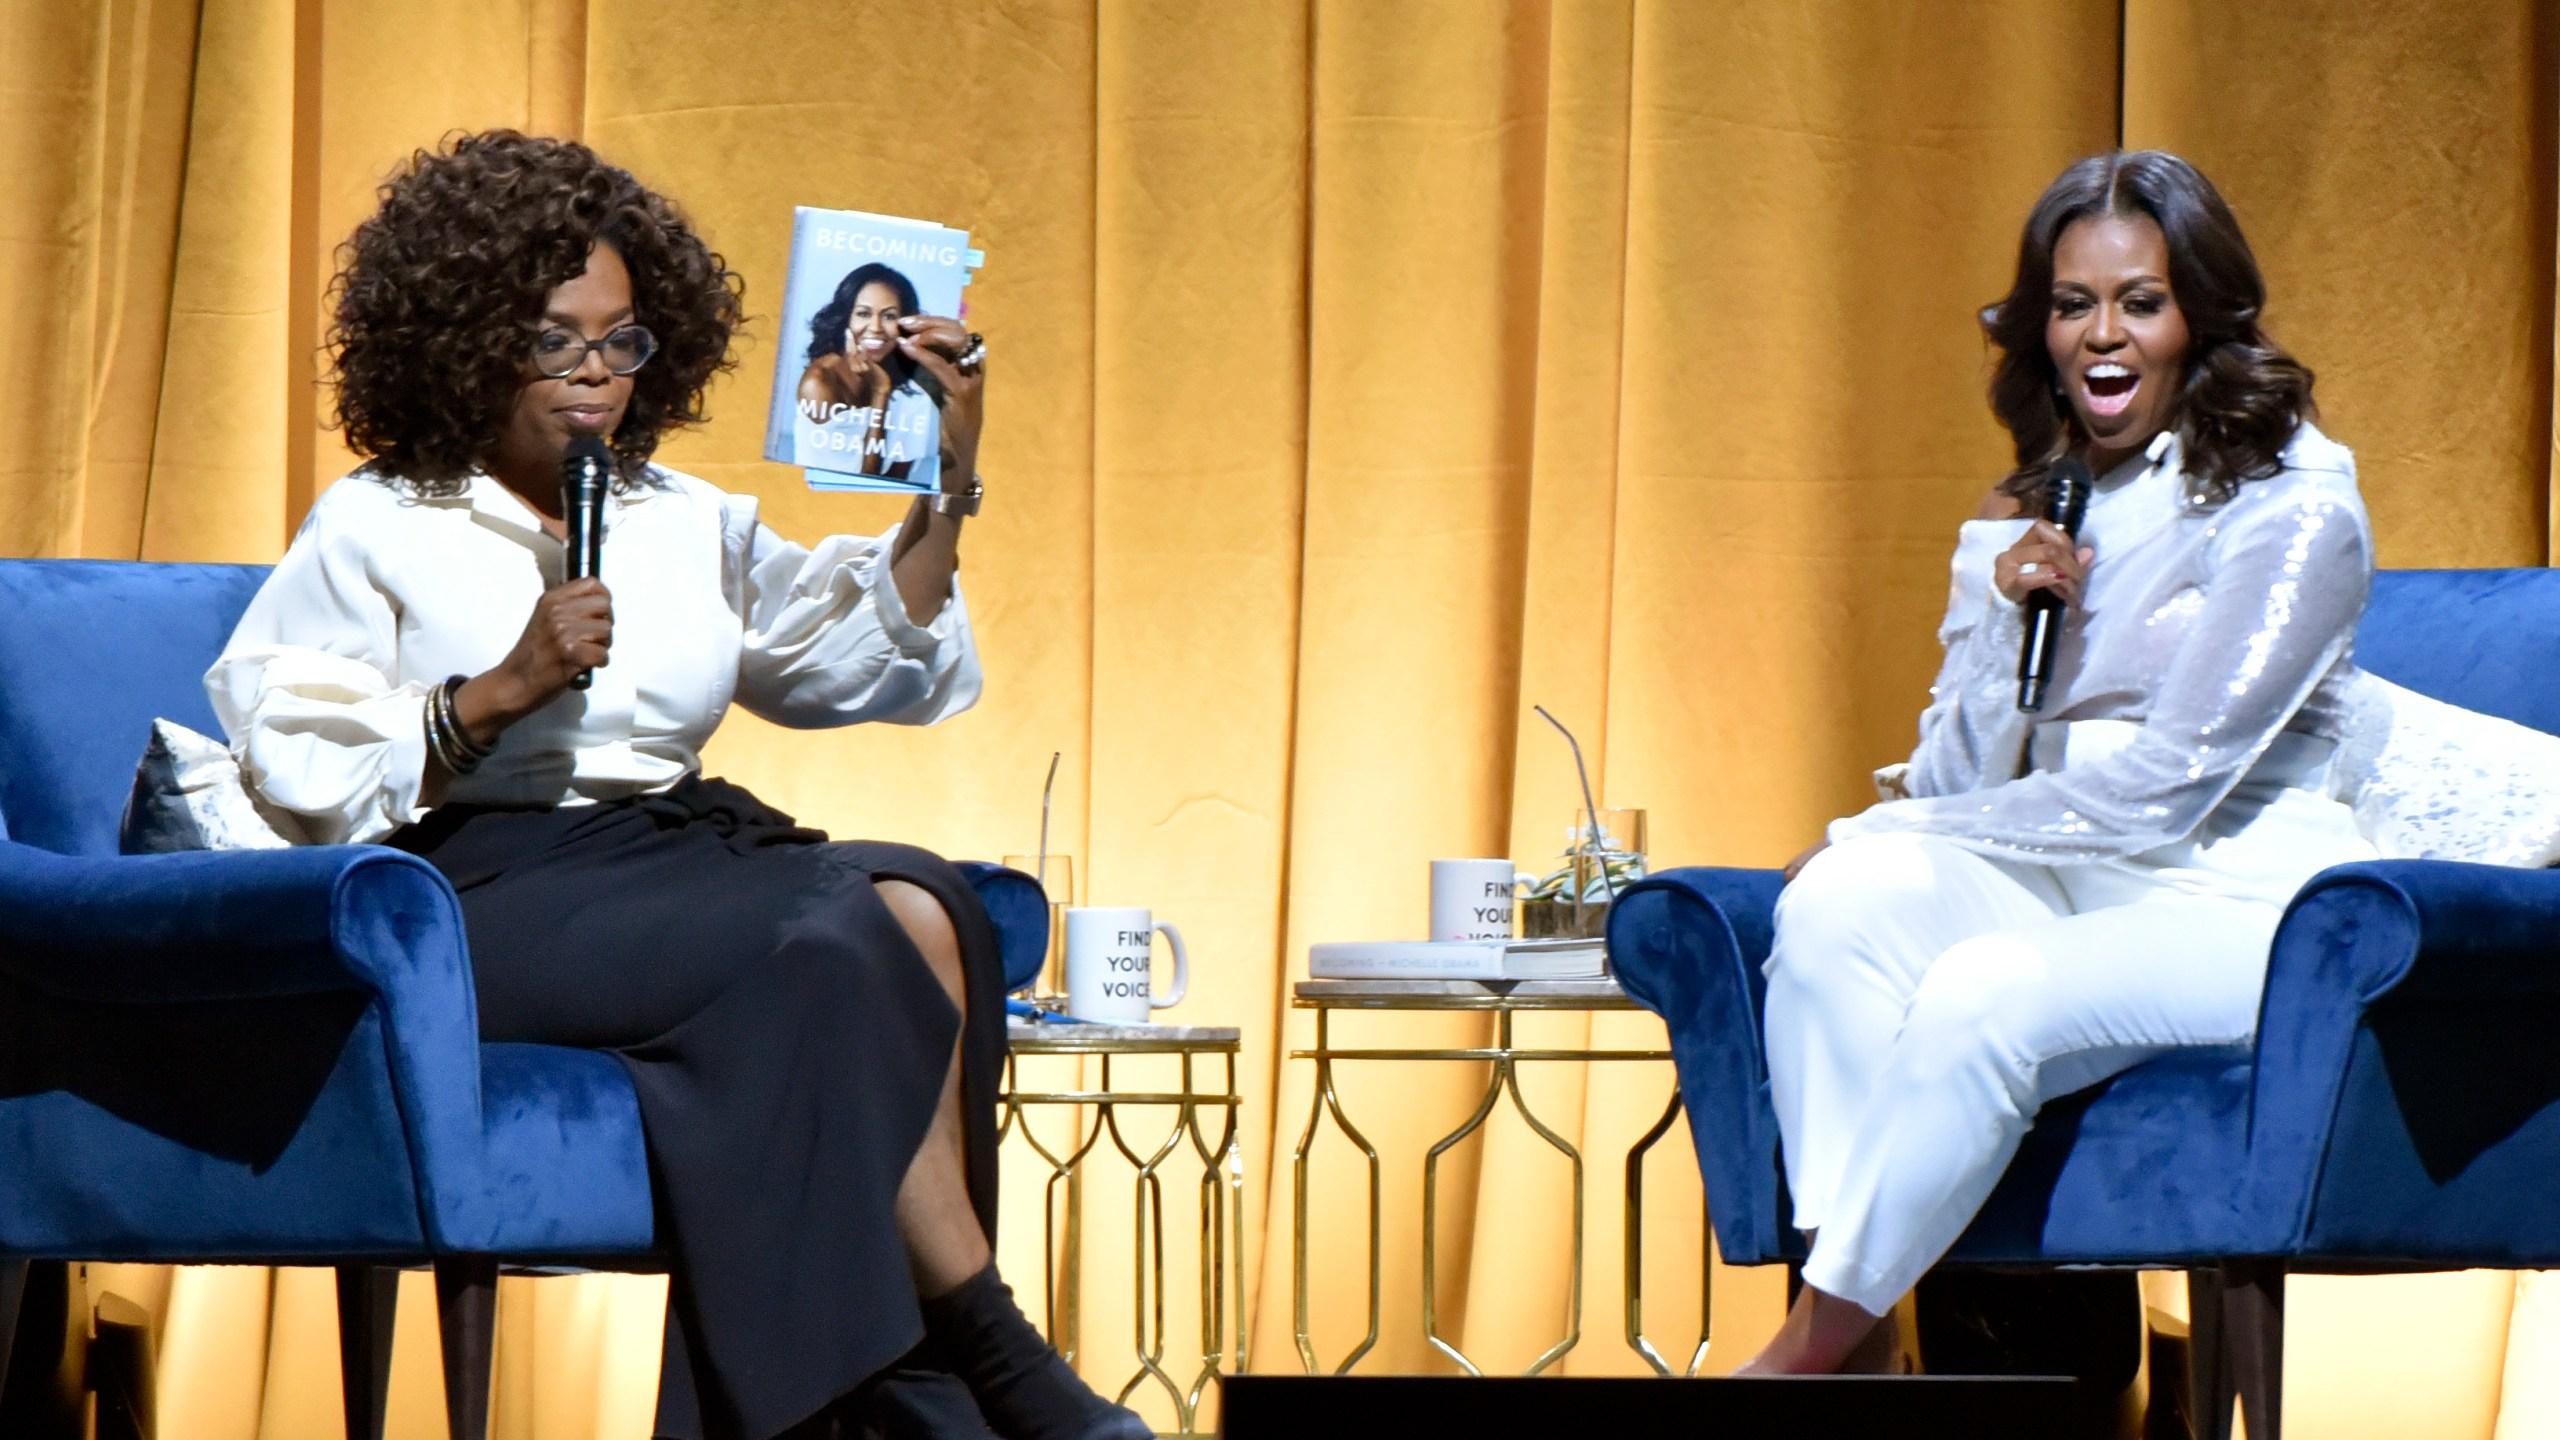 Michelle Obama, Oprah Winfrey